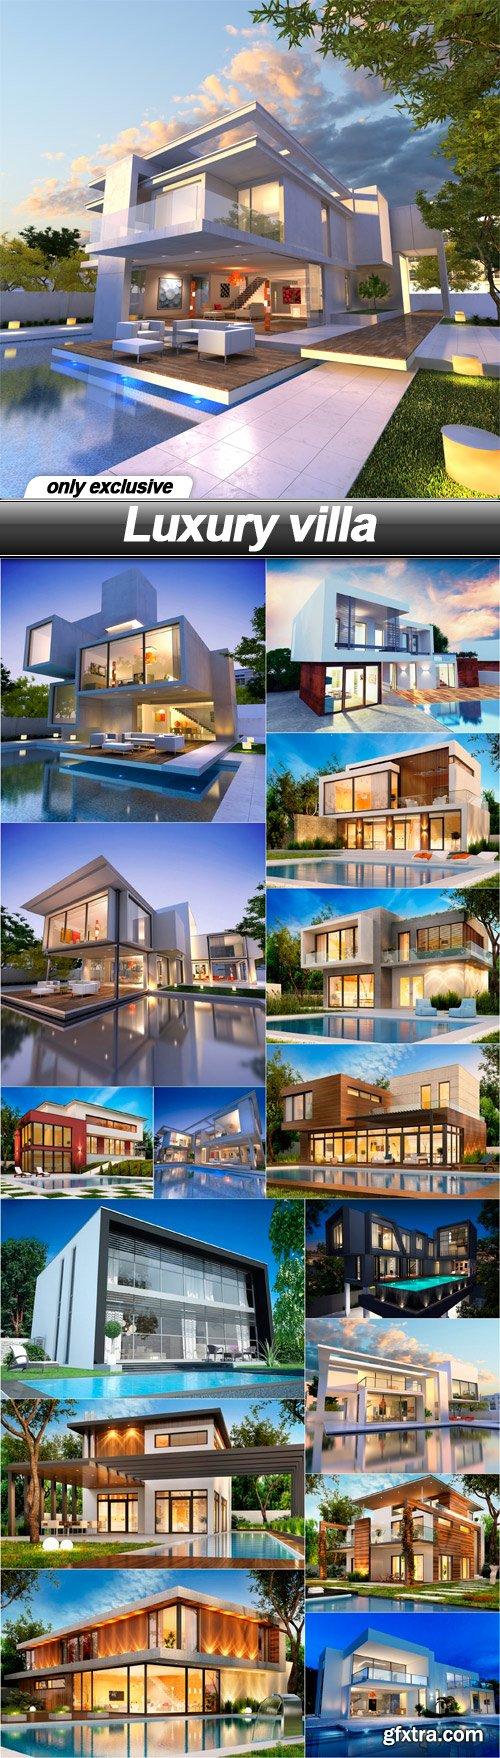 Luxury villa - 16 UHQ JPEG